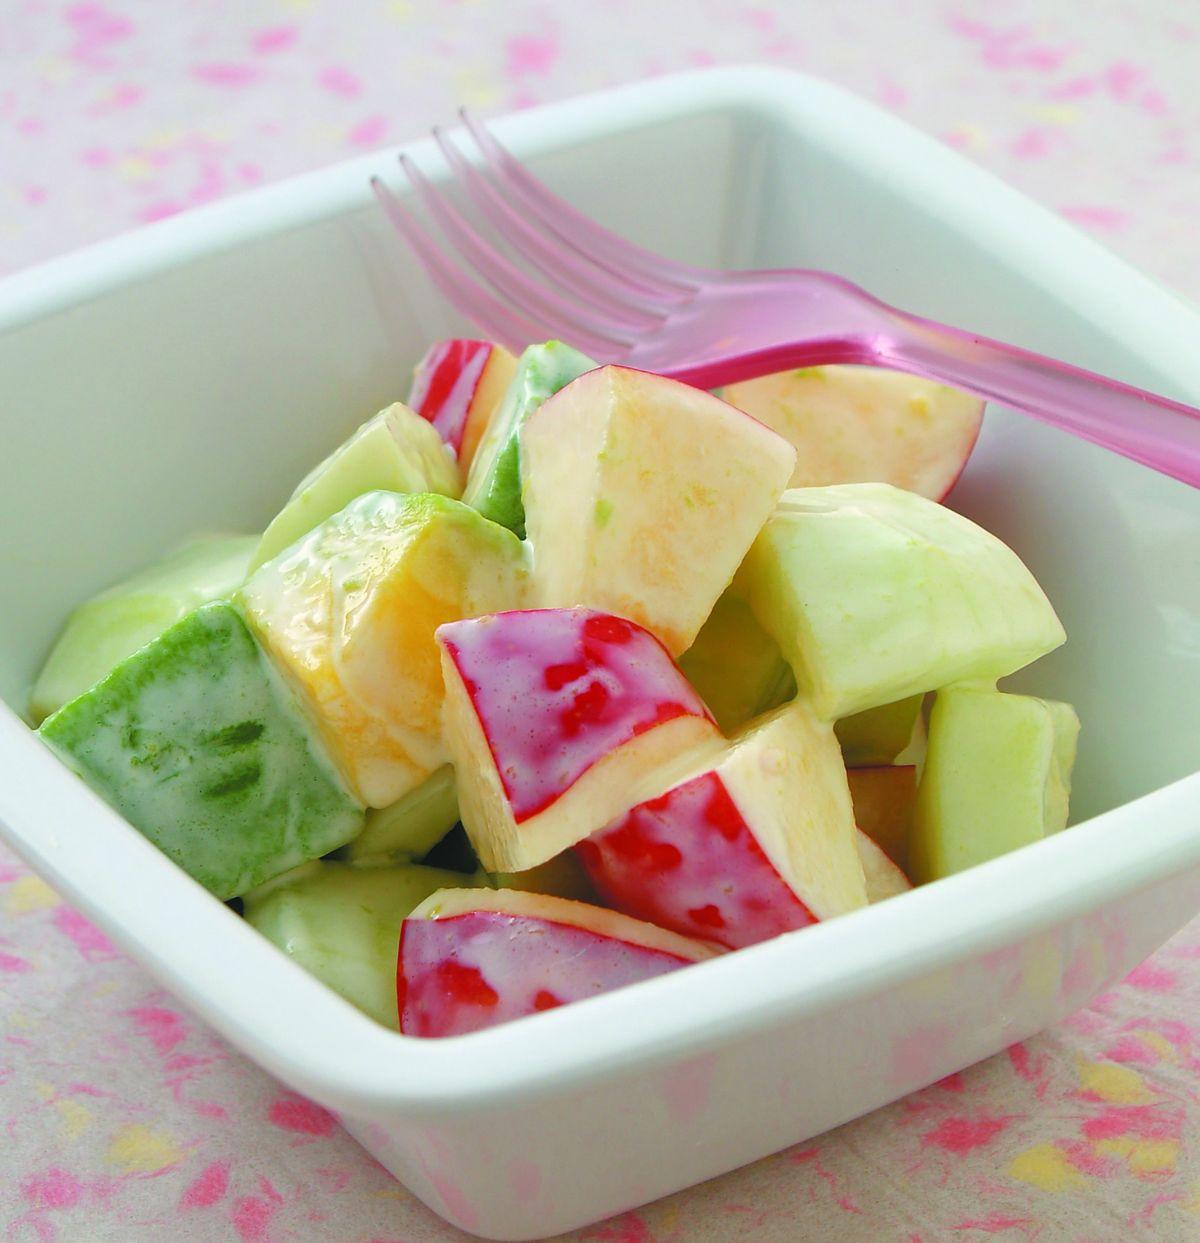 食譜:酪梨蘋果沙拉